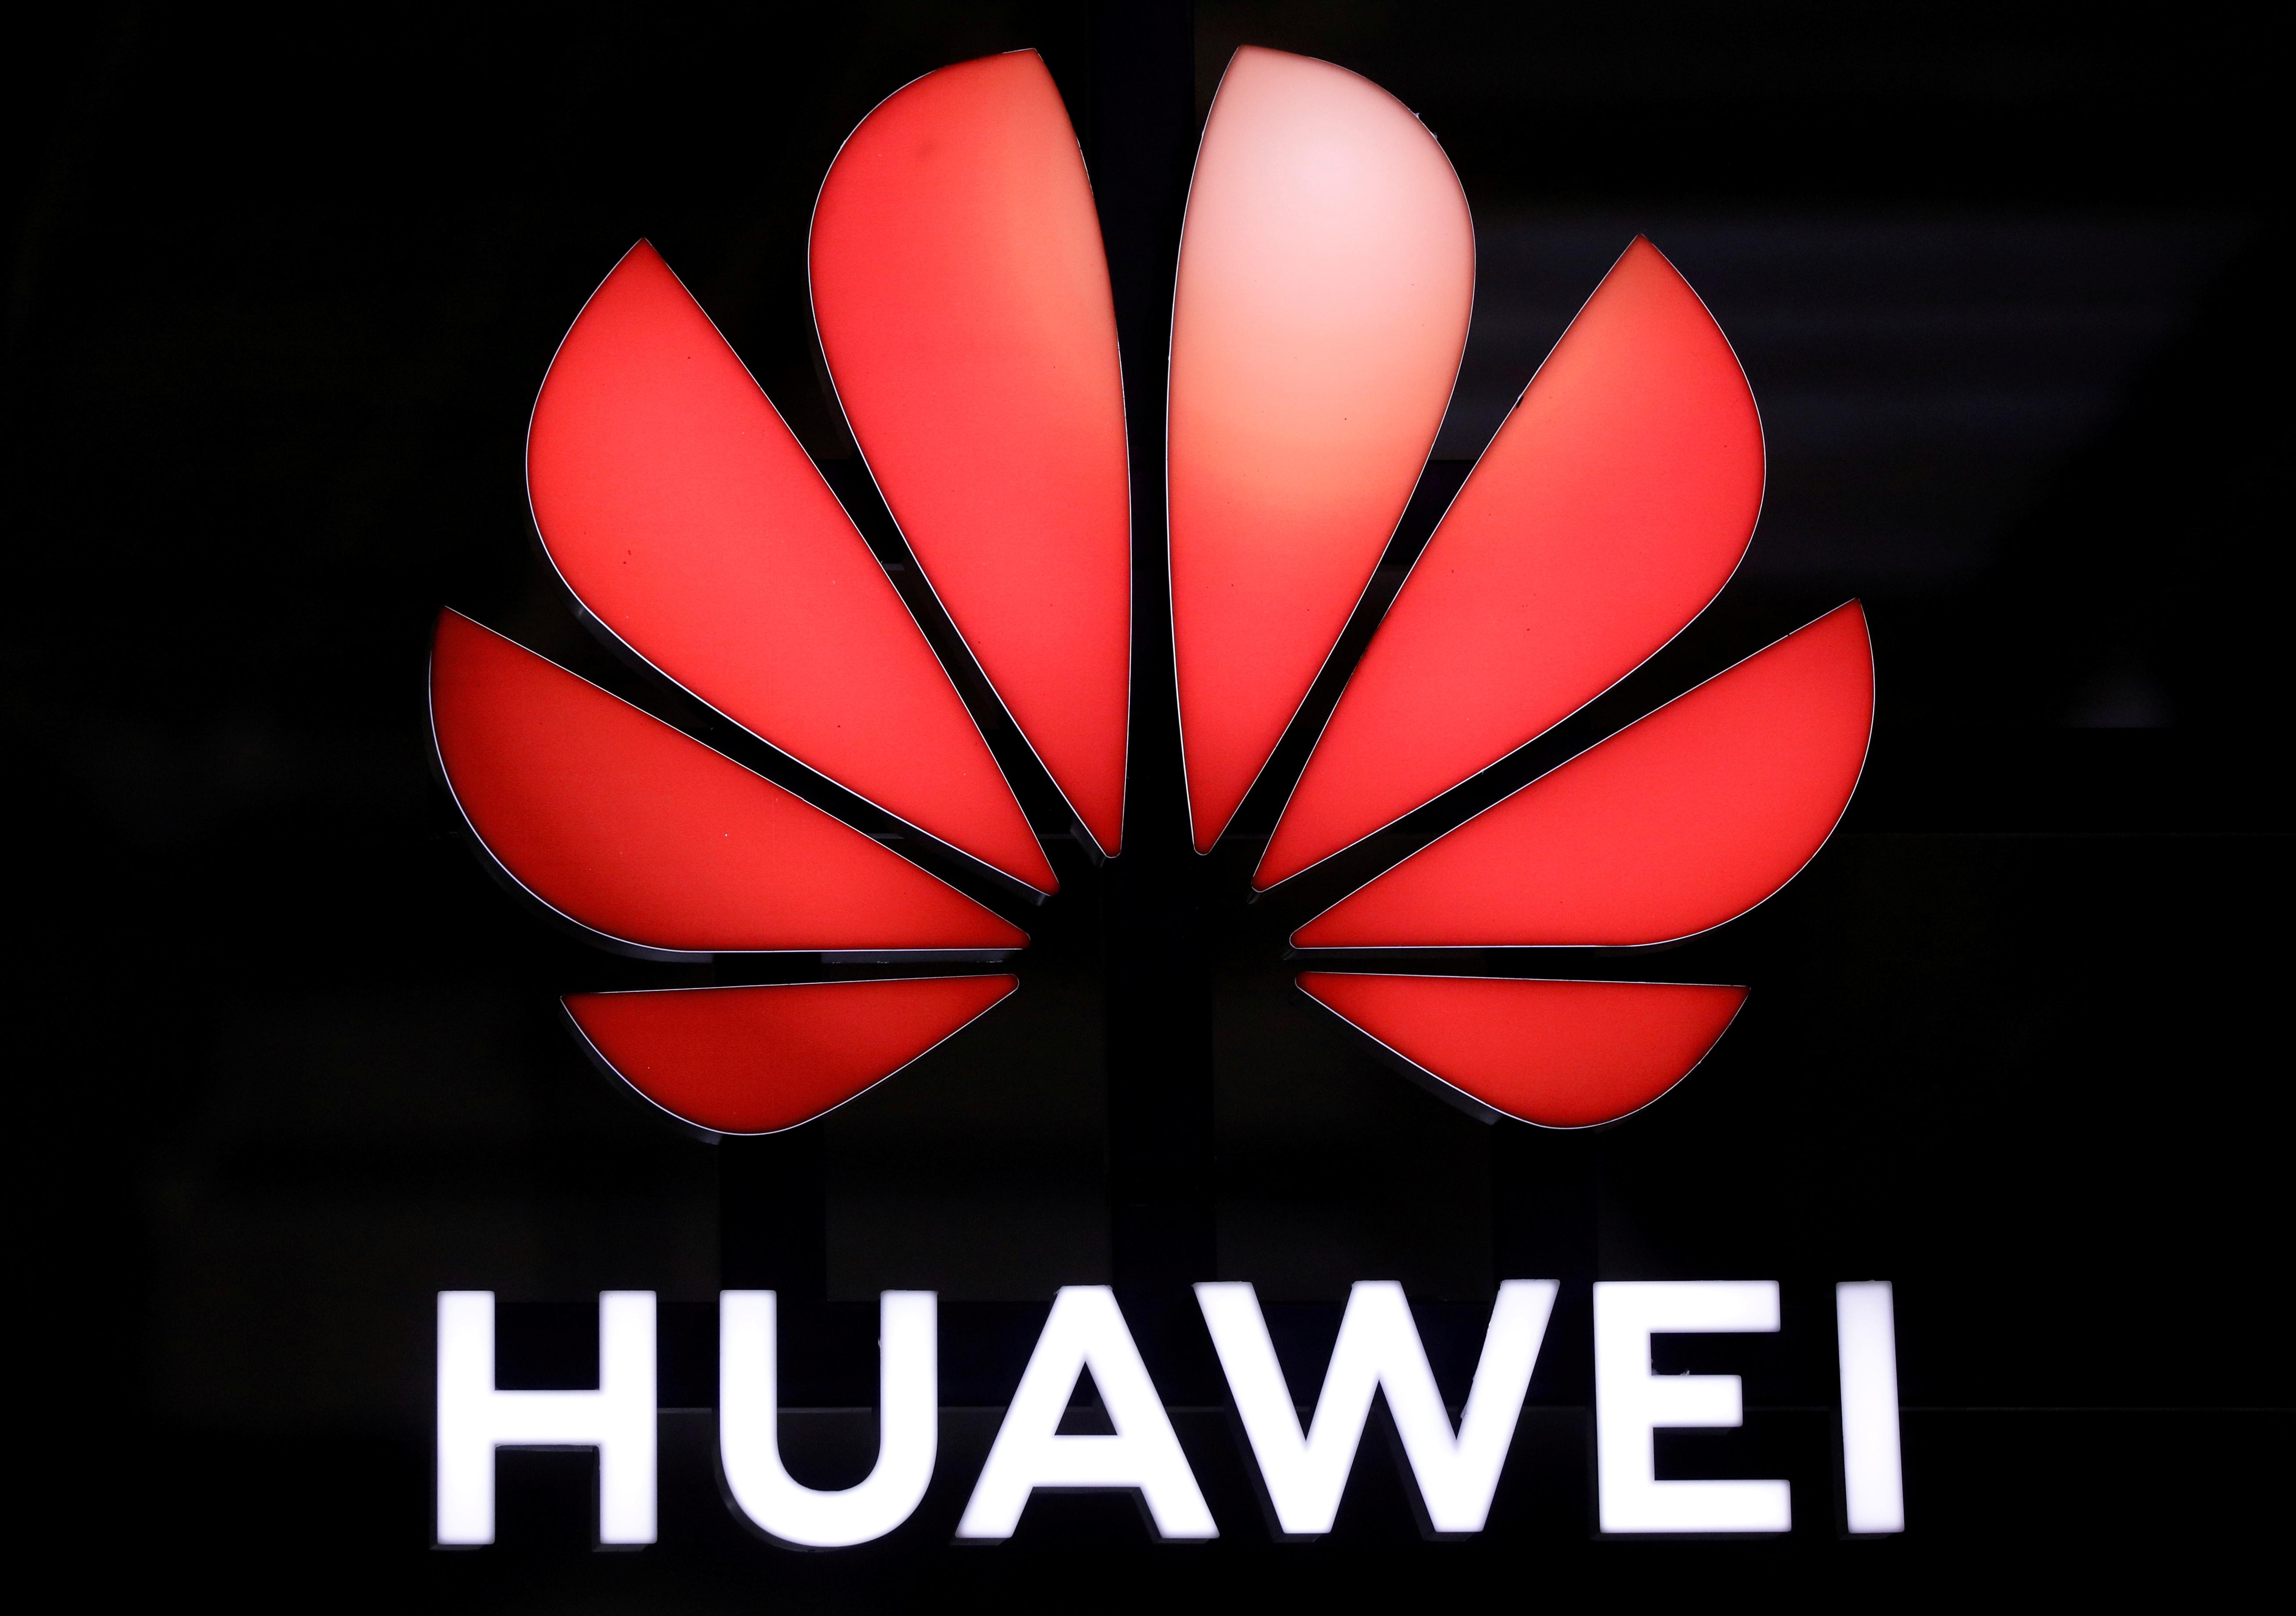 Δώστε κι απο'δω! Μπόνους 286 εκατ. δολαρίων της Huawei στους εργαζόμενους και διπλασιασμός μισθών